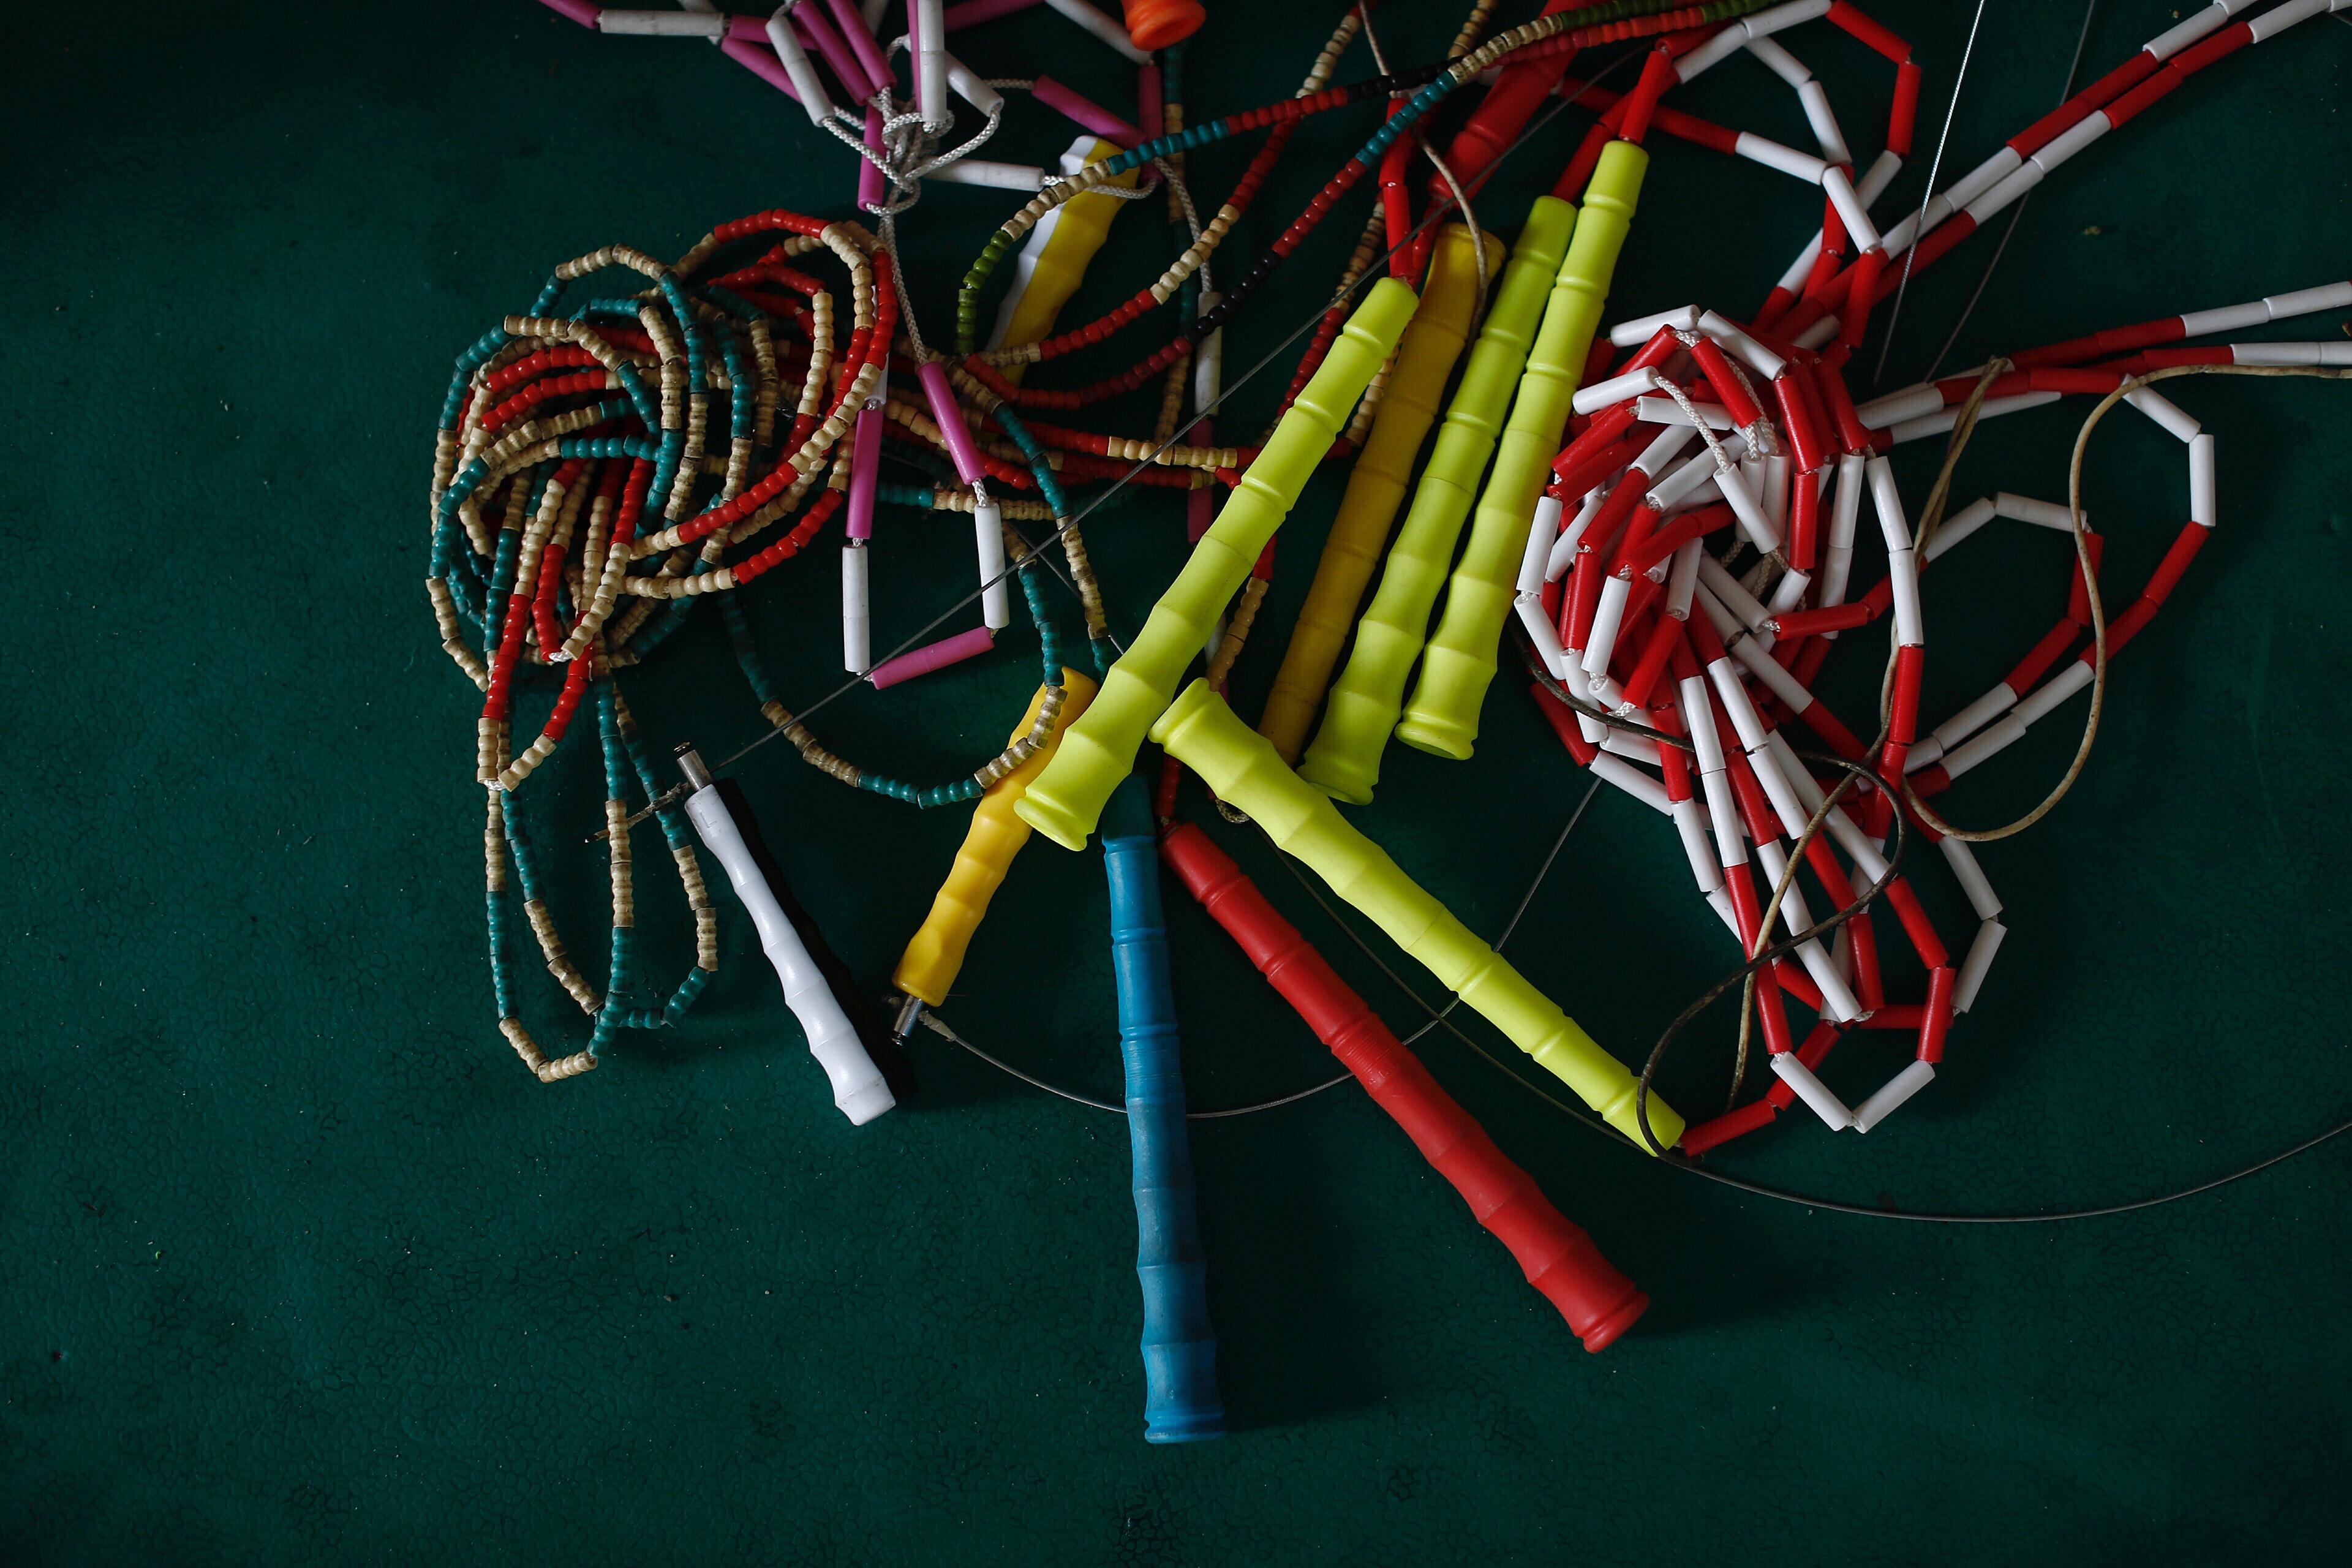 体育课用的跳绳绳子。